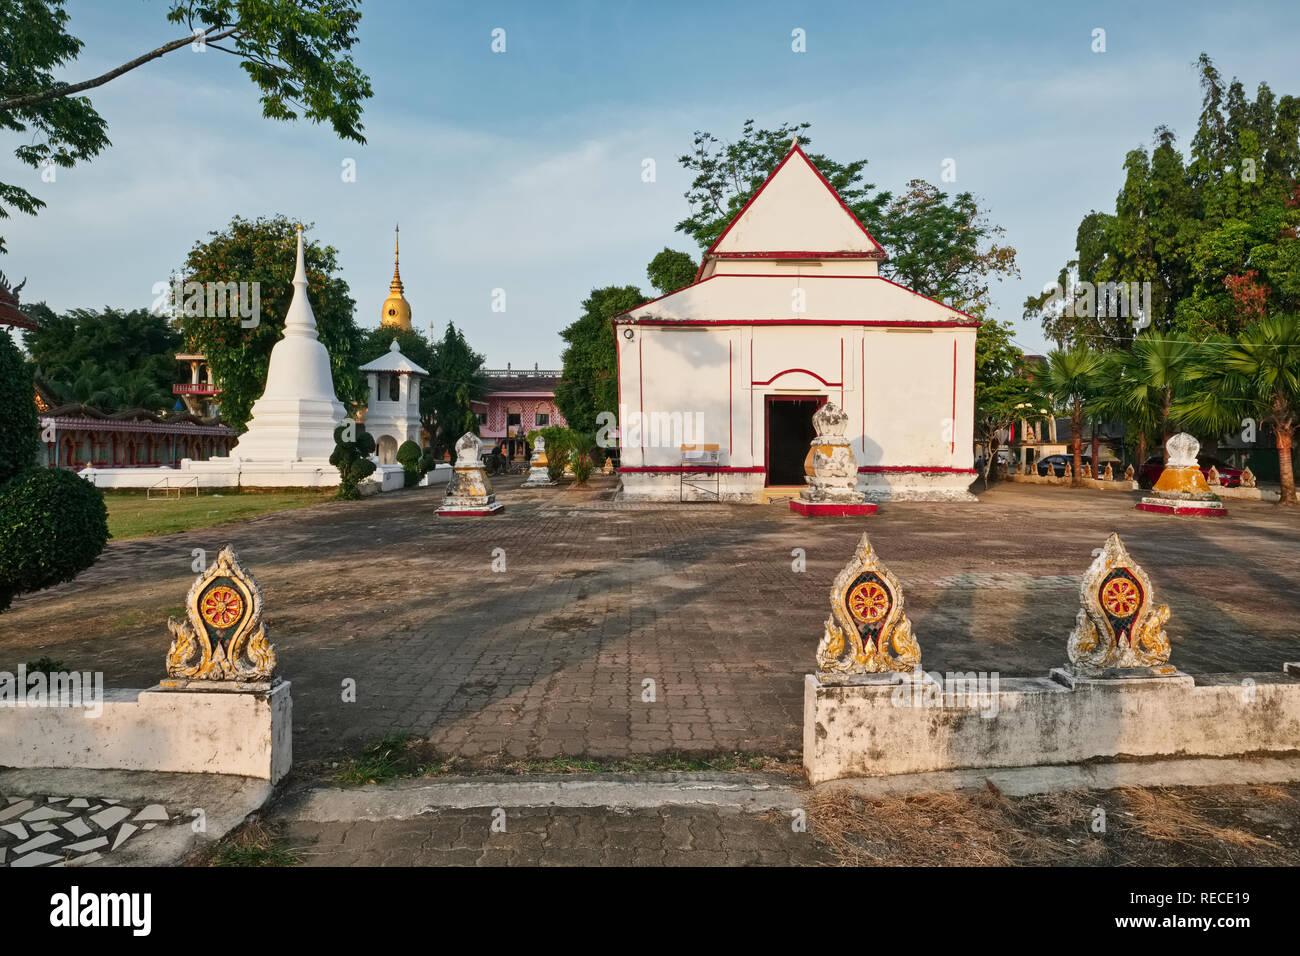 La vieille, historiquement important Bot ou Ubosot (coordination hall; à droite) de Wat Phra Nang Sang, Thalang, Phuket, Thaïlande; front: Sema ou frontière stones Banque D'Images